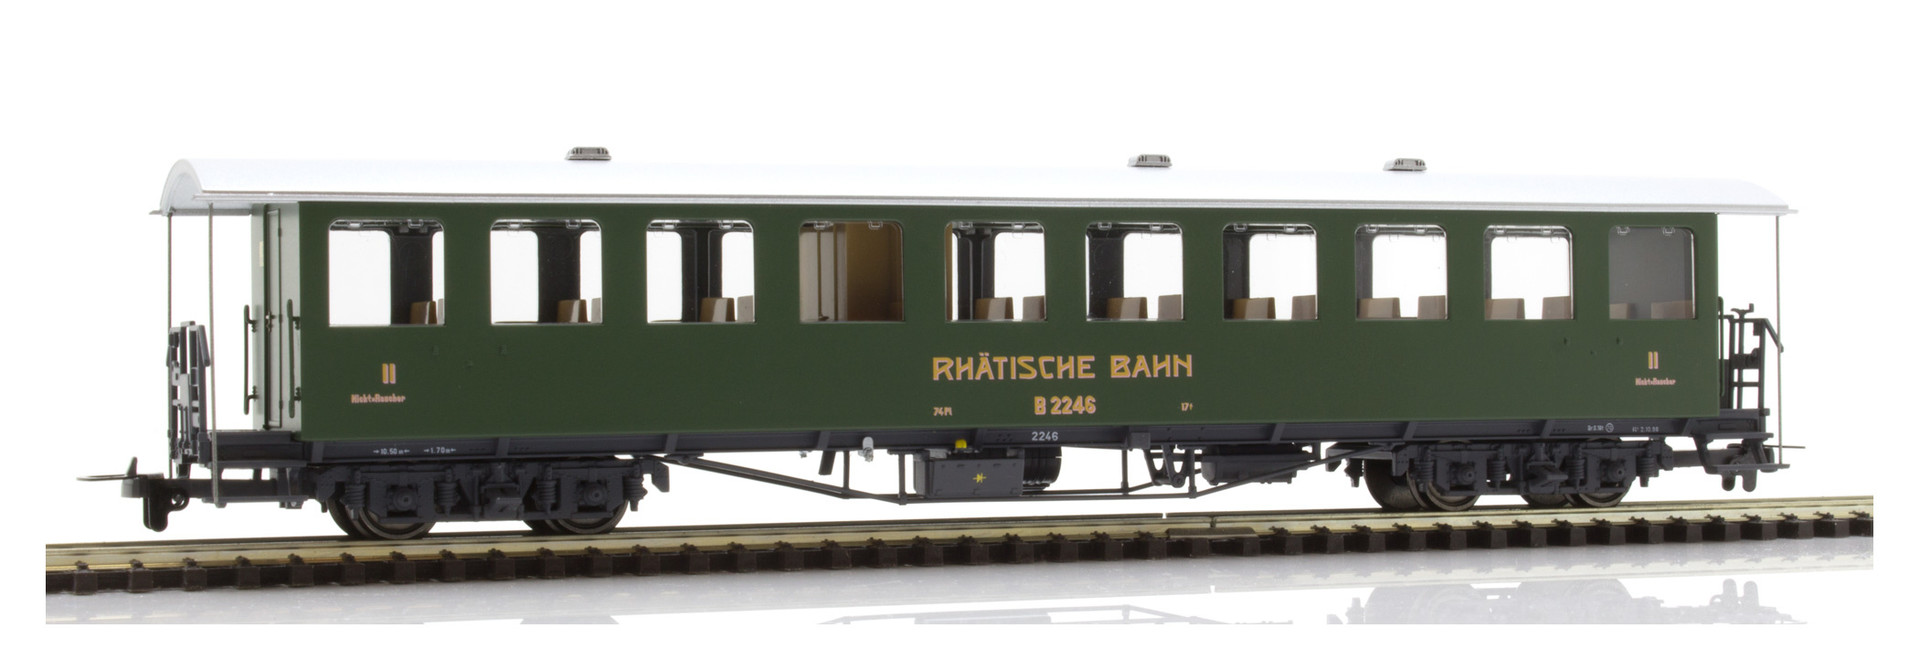 3235146 RhB B 2246 Nostalgie-Plattformwagen